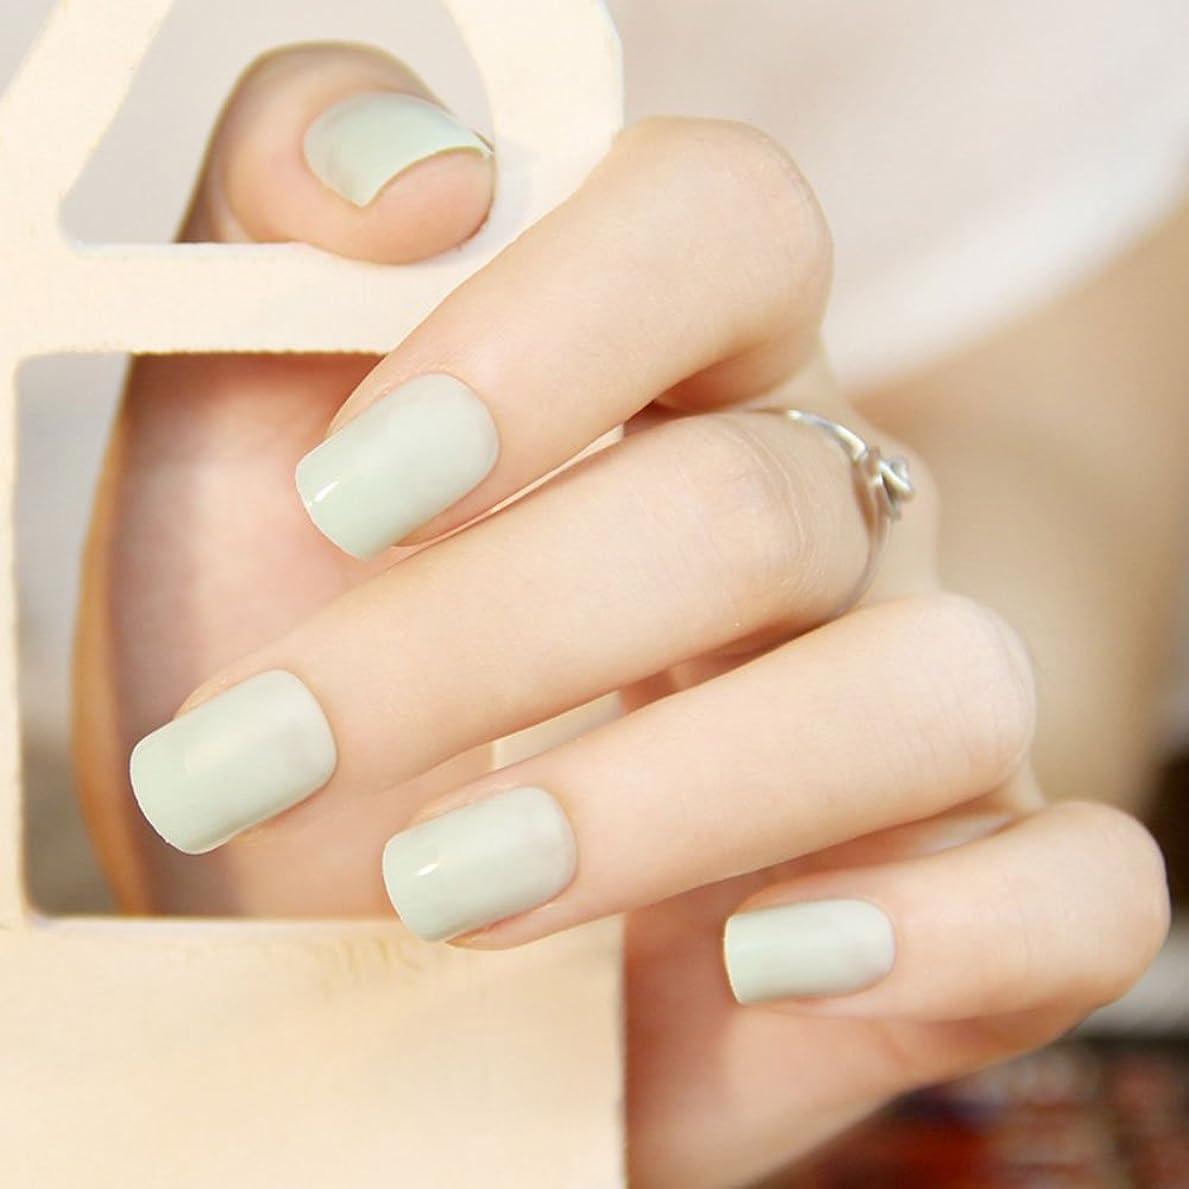 ゼリー請負業者厳密に24枚入ネイルチップ 新型ネイルチップ 短い純色砂を磨き上げる 12個のサイズが優雅に爪をつけます (ベージュ)